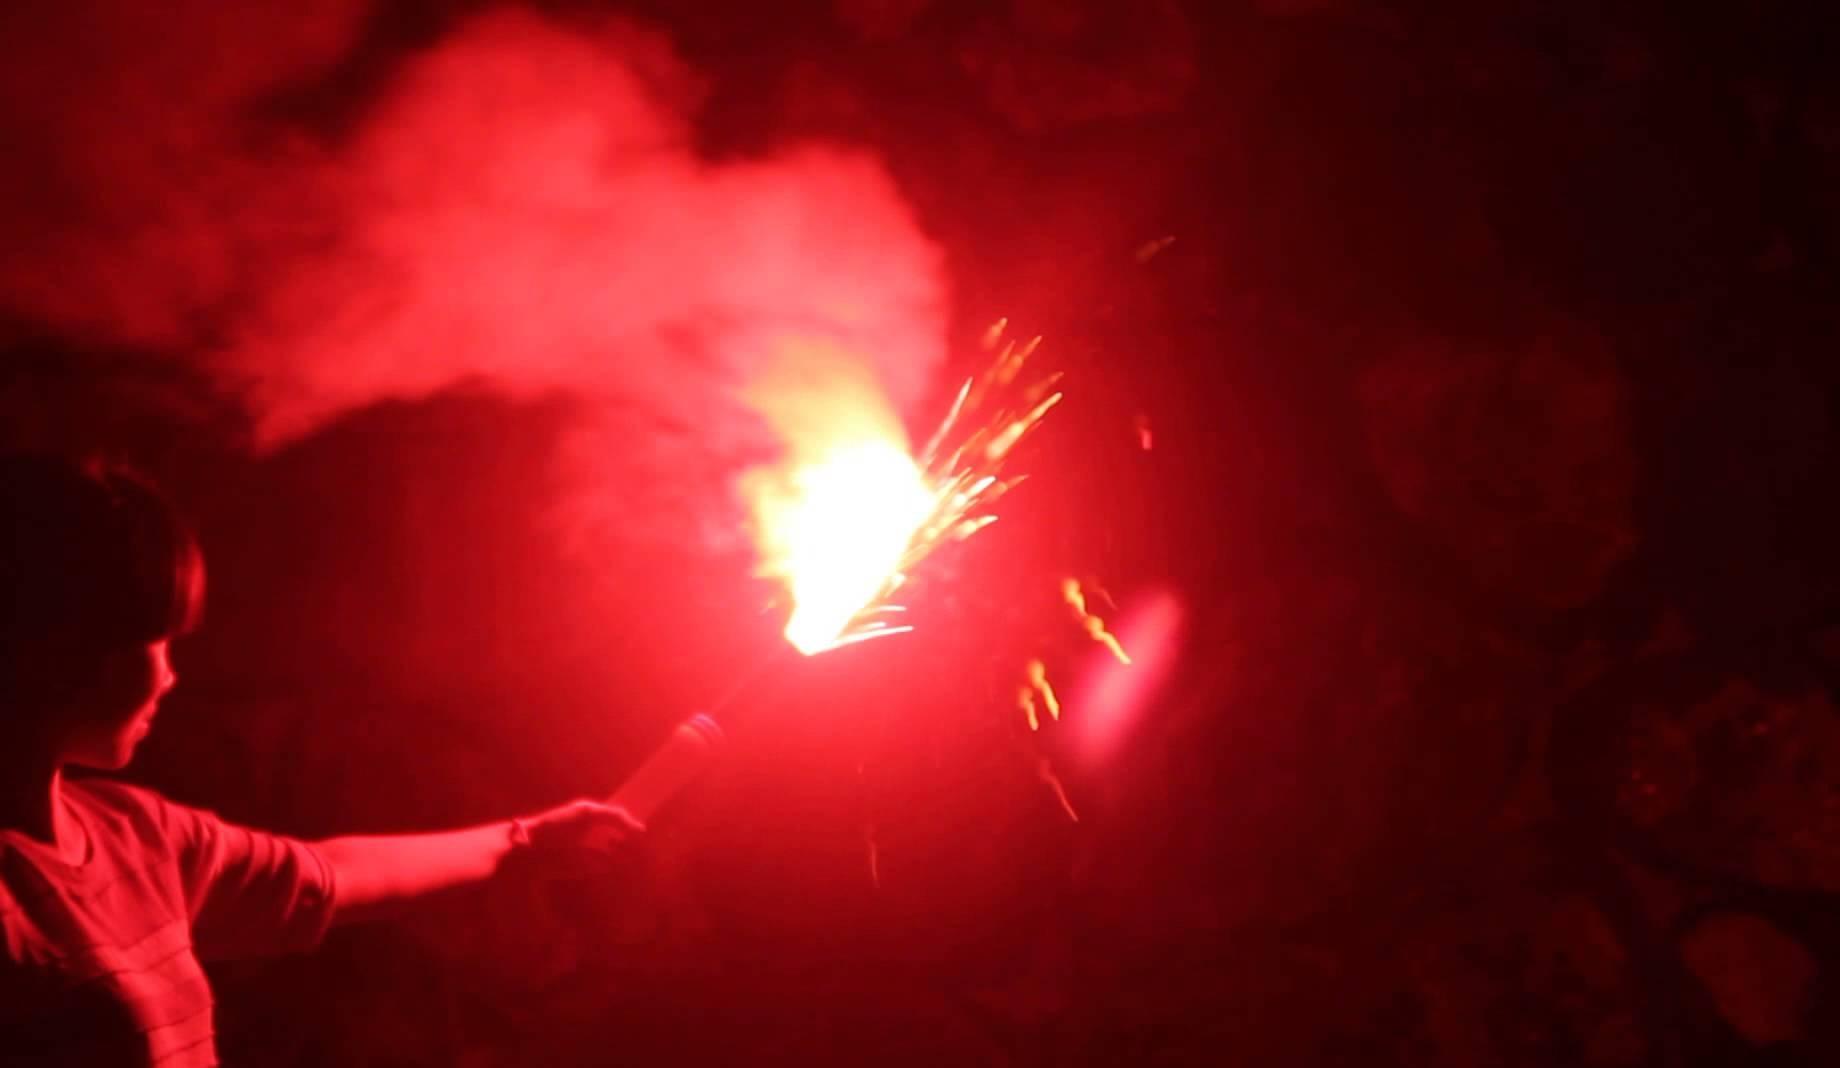 Les produits pyrotechniques ont l'«avantage» de donner à la violence urbaine un cachet plus «contemporain». D. R.